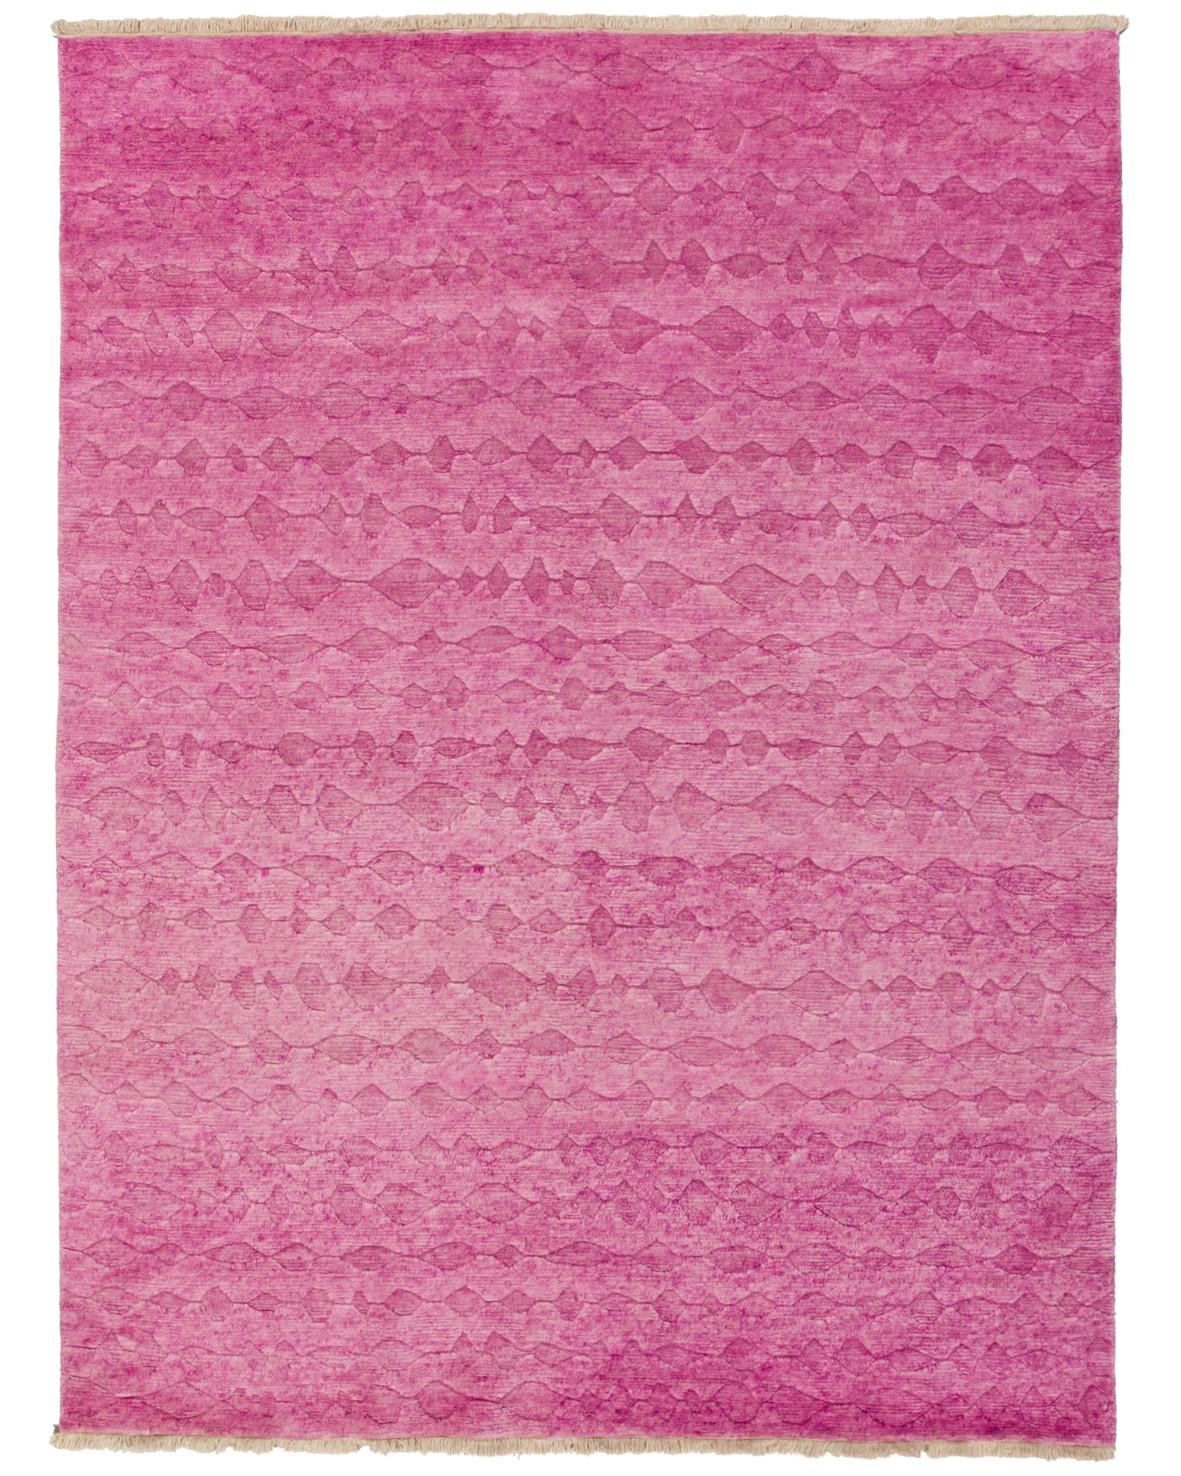 Bhutan handknuten tjock ullmatta rosa enfärgad reliefklippt mönster från Nepal